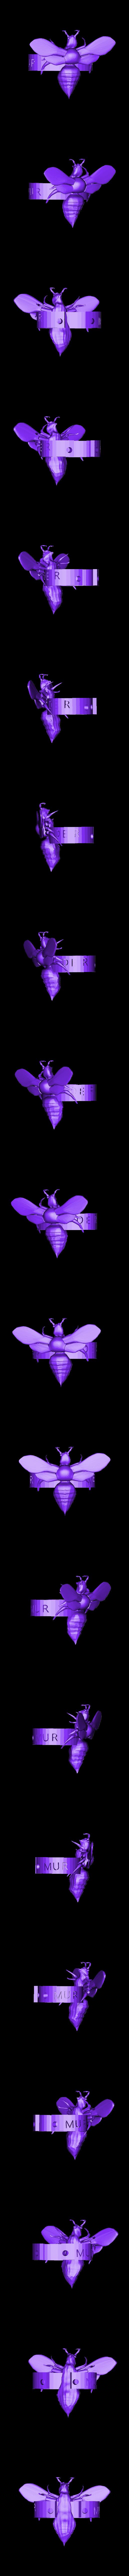 MURDER HORNET BRACELET.stl Download free STL file Murder Hornet Bracelet • 3D printable template, swivaller